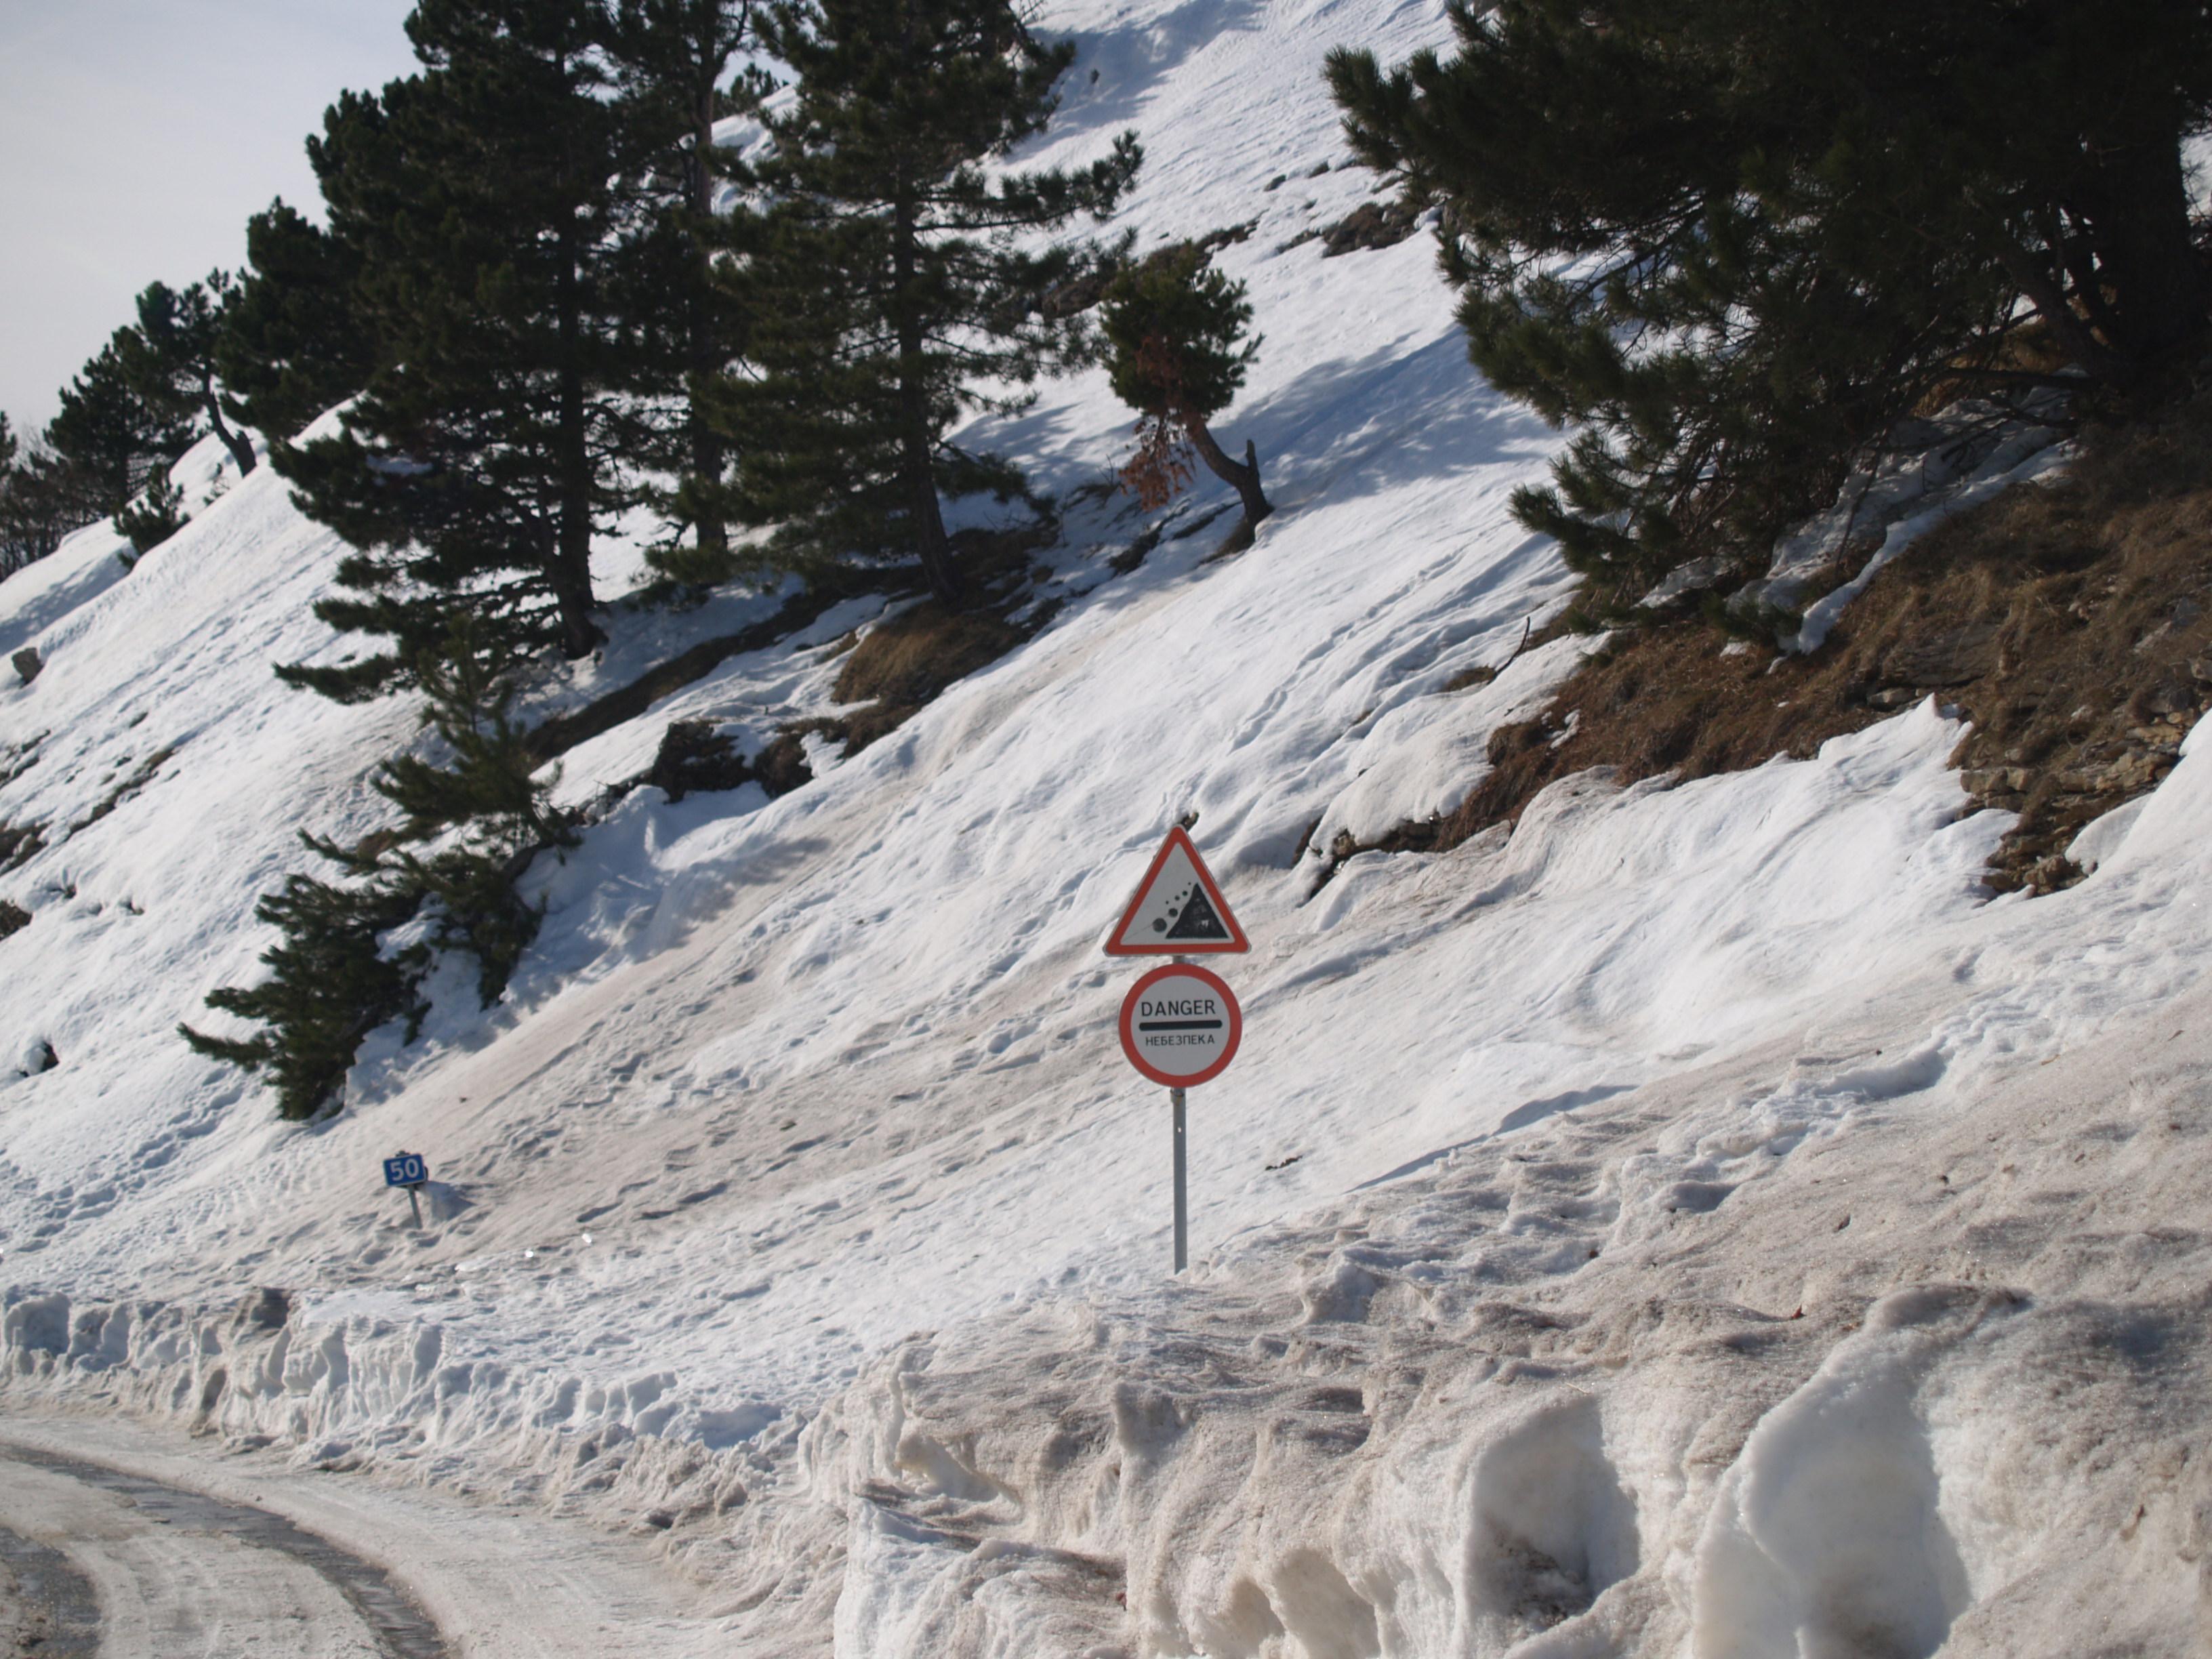 Действия при угрозе схода снежной лавины